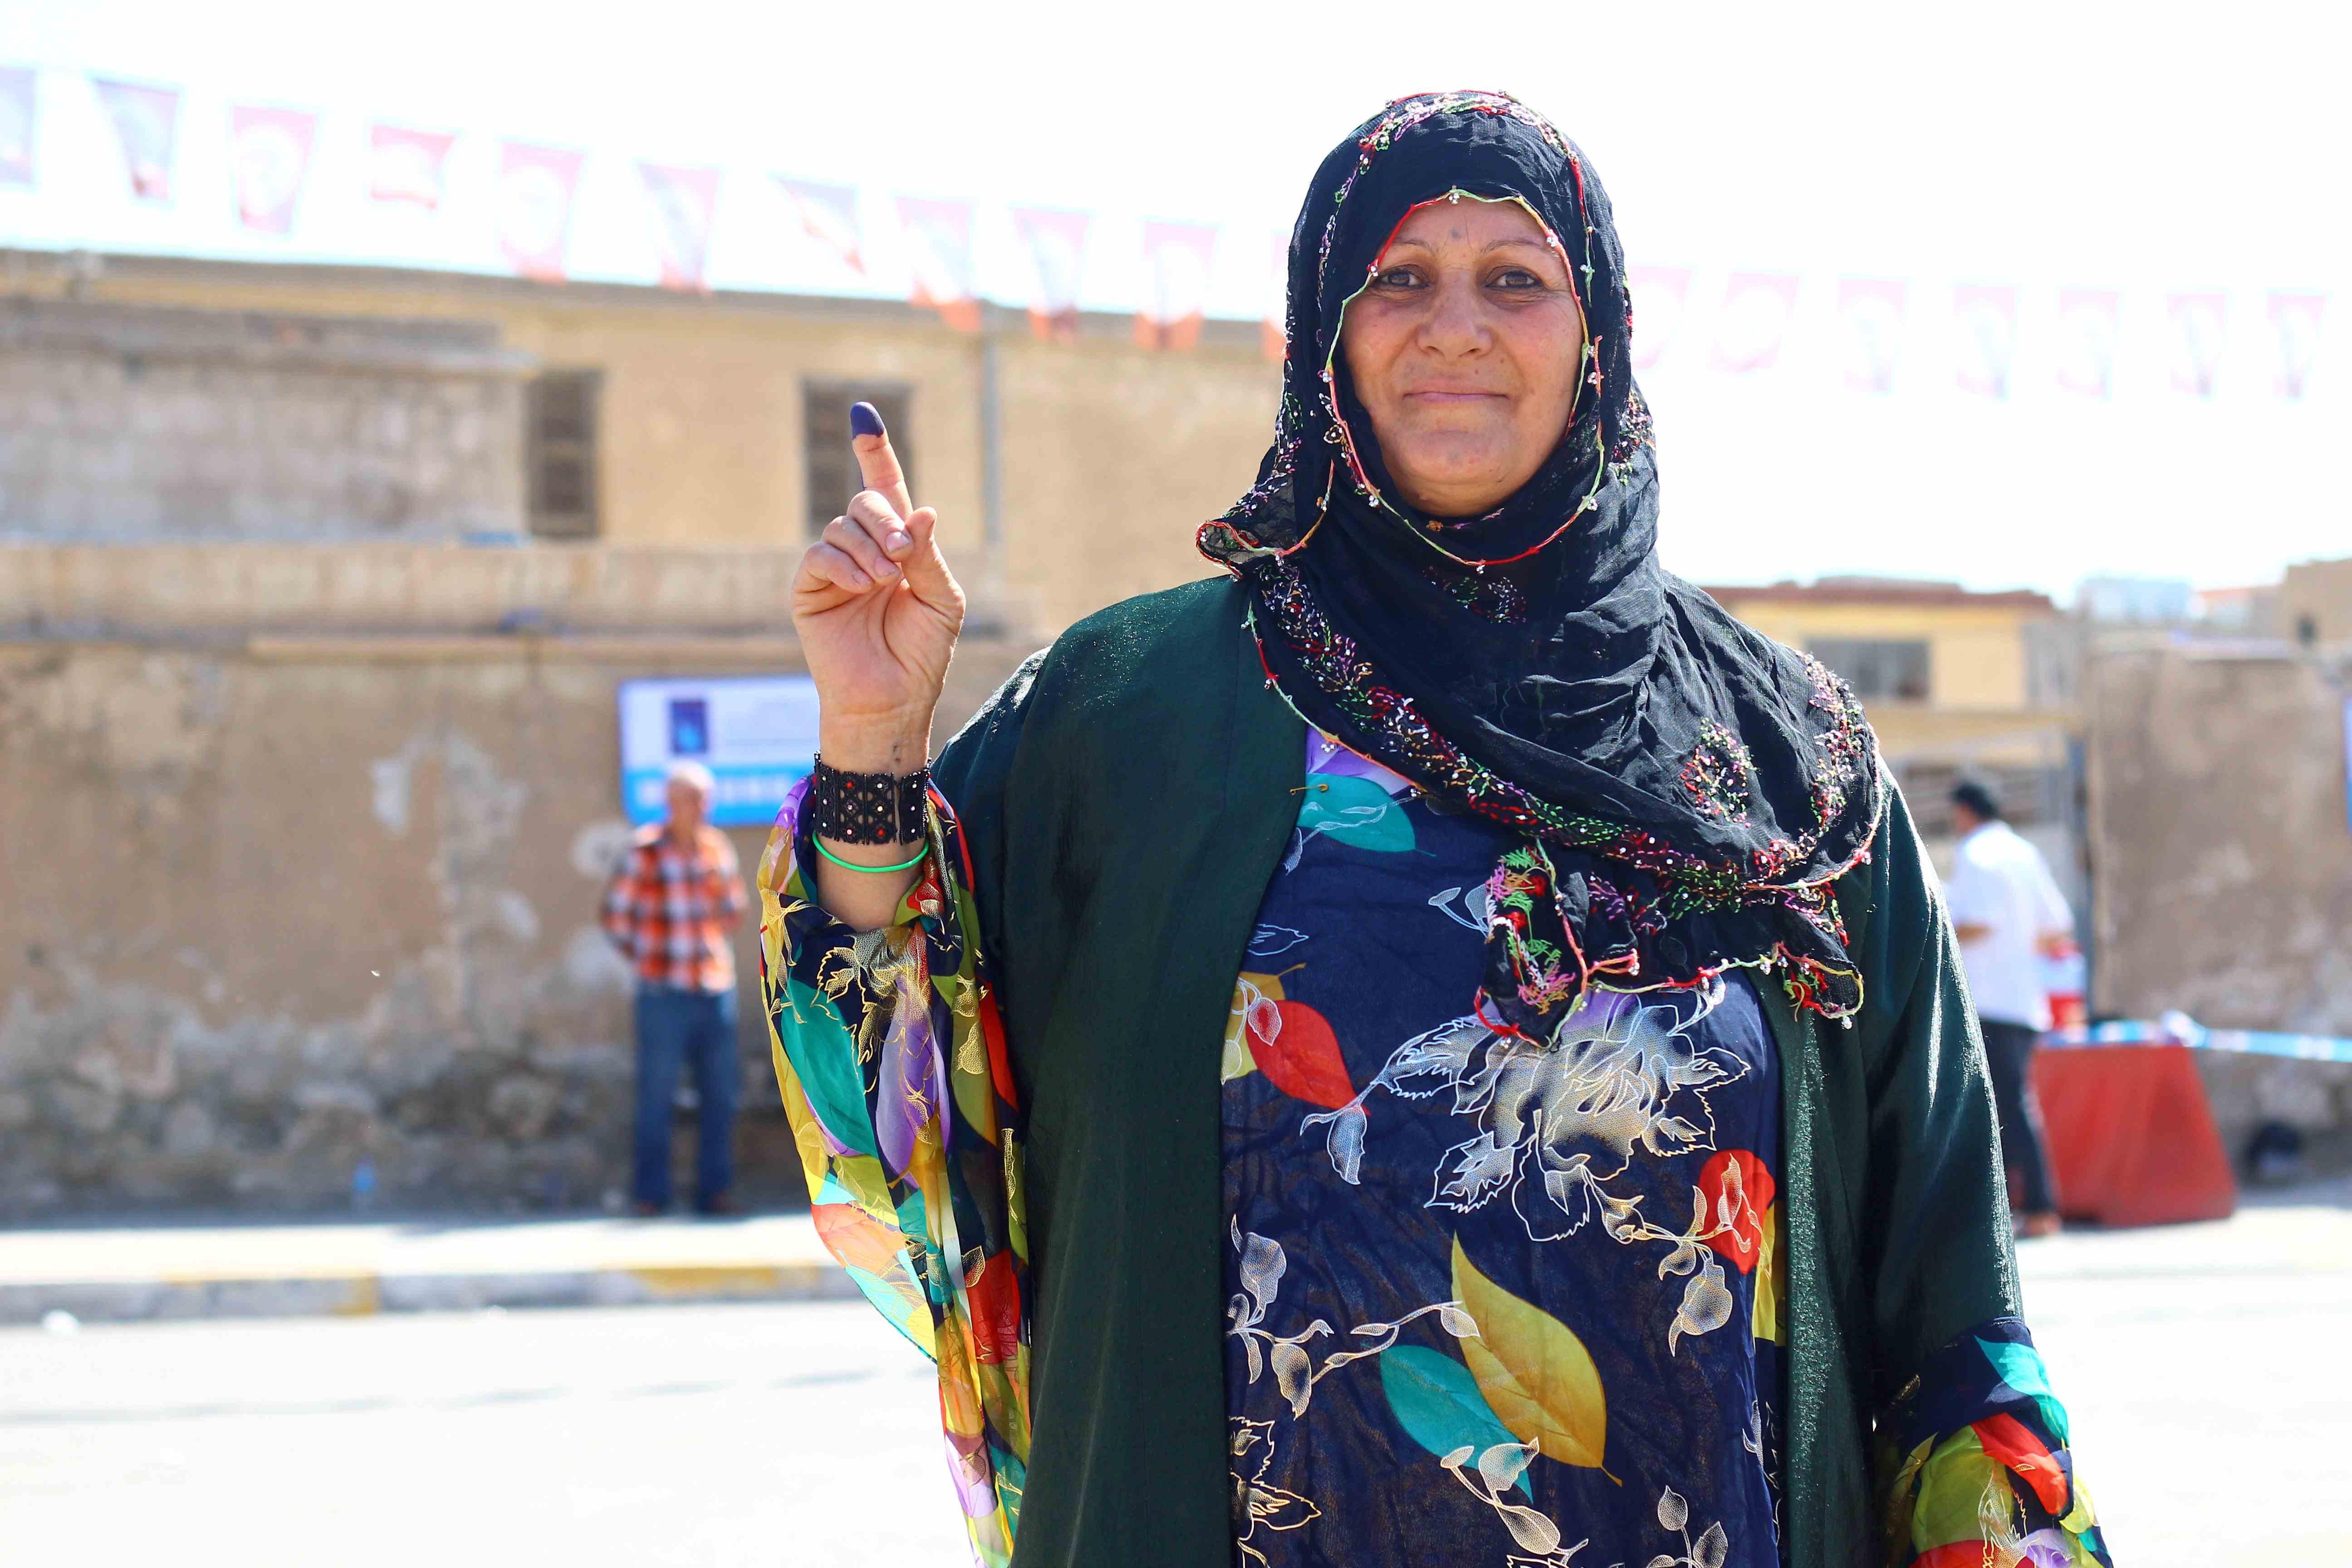 Una mujer muestra su dedo tintado, símbolo de haber votado en las elecciones de Irak (Miguel Fernández-Pablo L. Orosa)